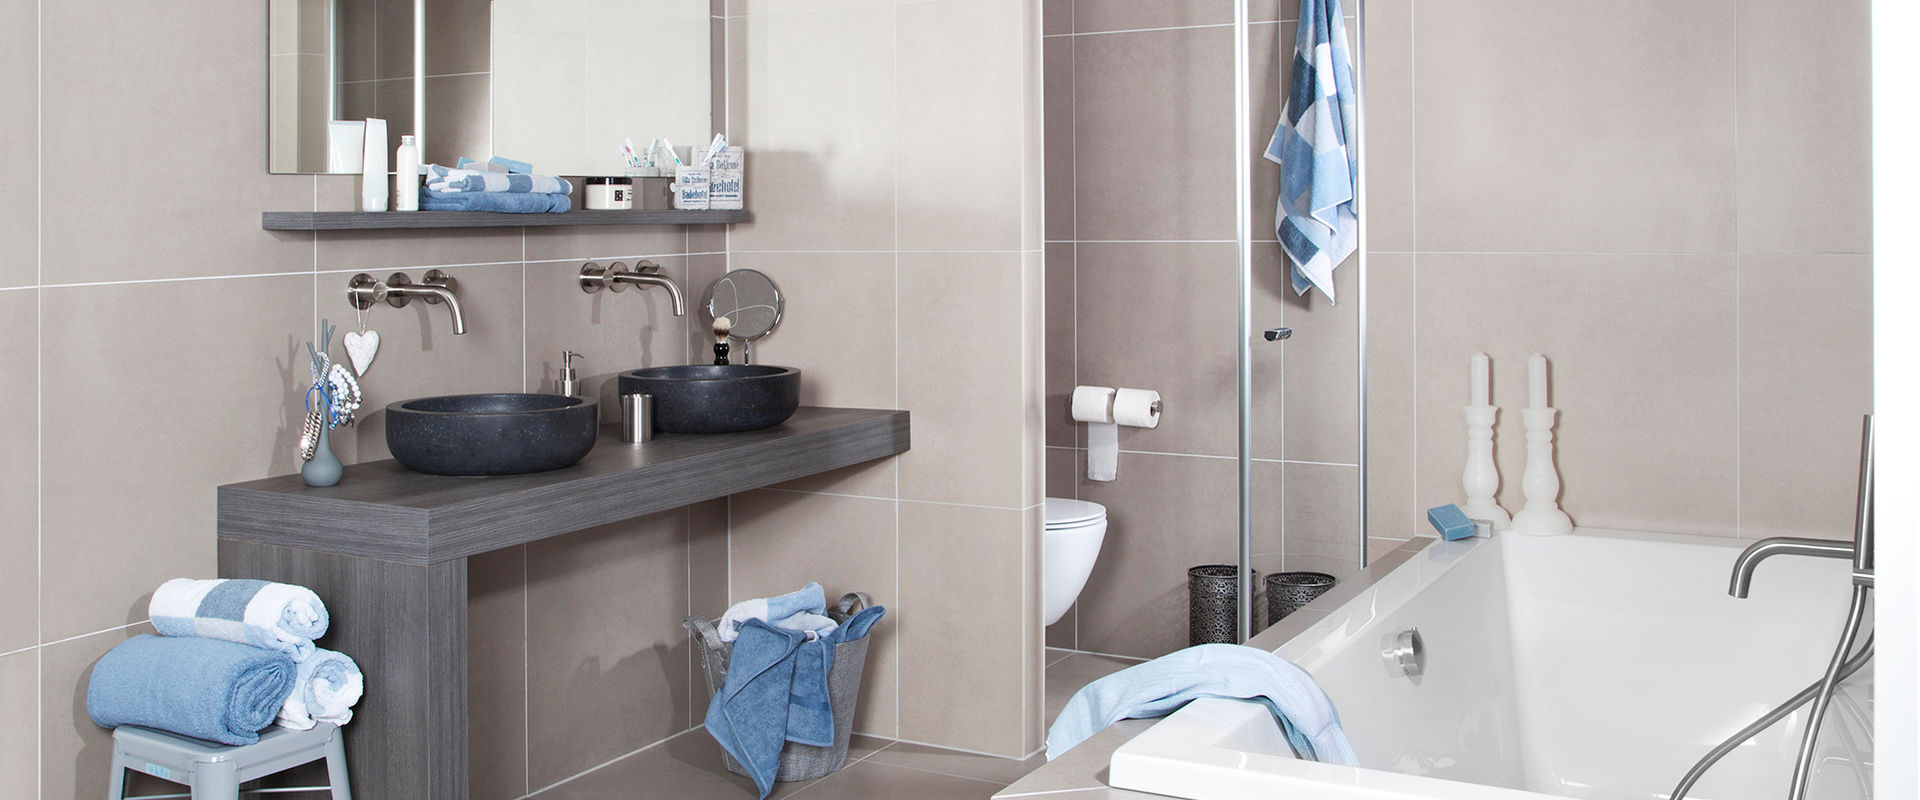 Kleine badkamer inrichten - Tips